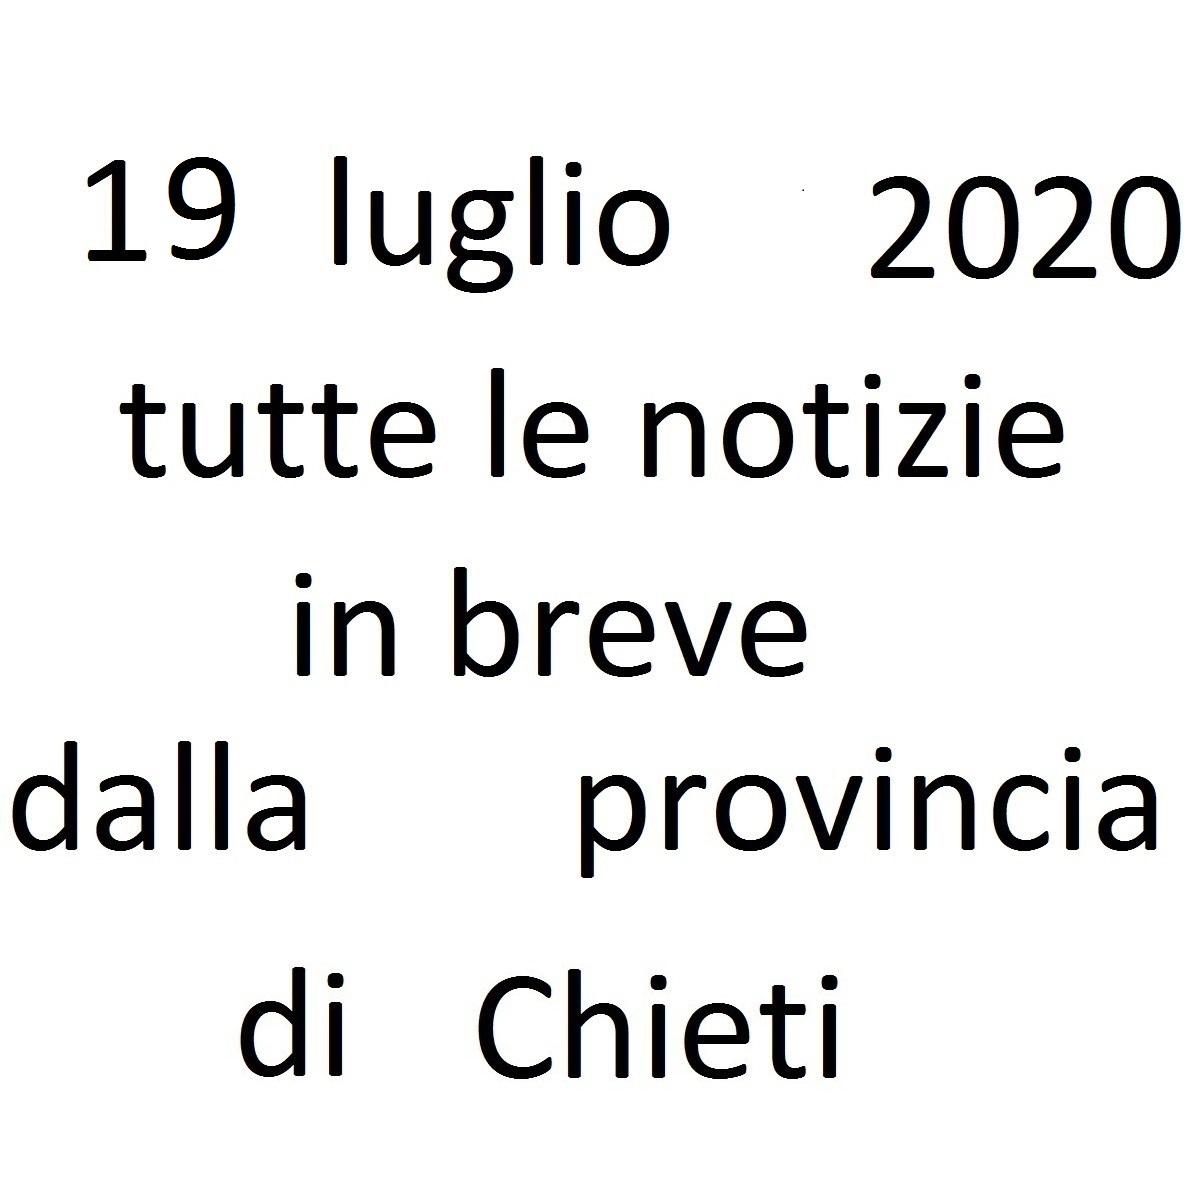 19 luglio 2020 notizie in breve dalla Provincia di Chieti foto